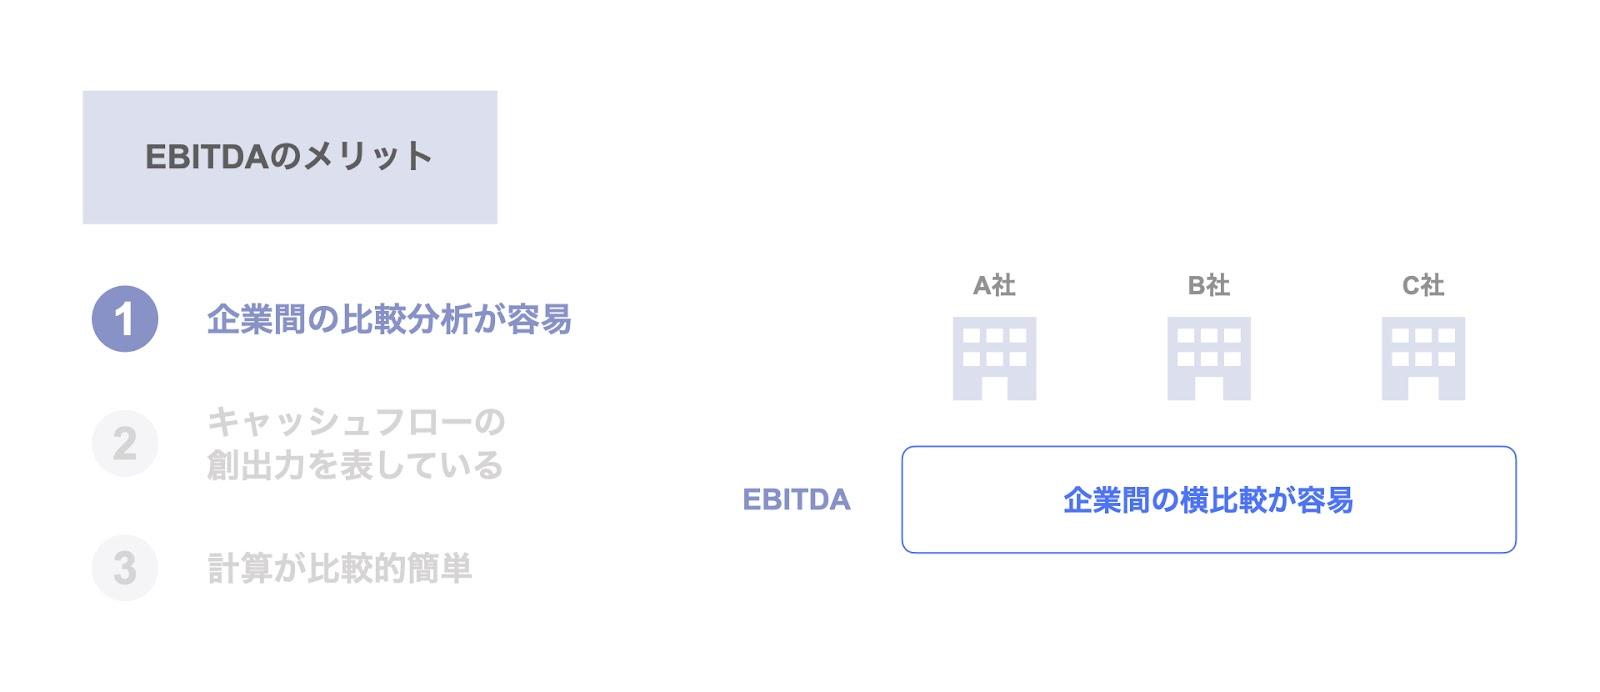 EBITDAのメリット① 企業間の比較分析が容易